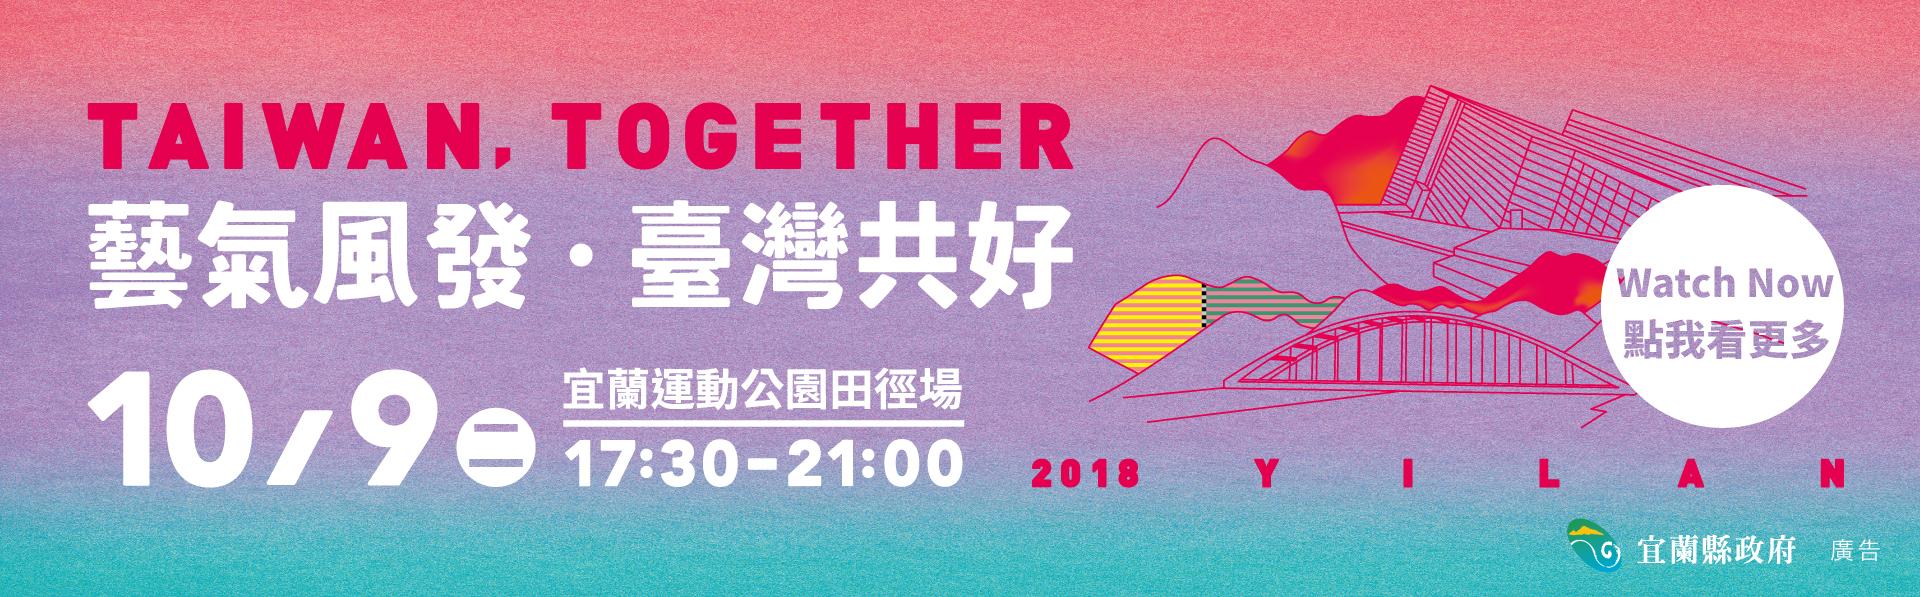 「「2018藝氣風發•台灣共好」的宜蘭國慶晚會」的圖片搜尋結果